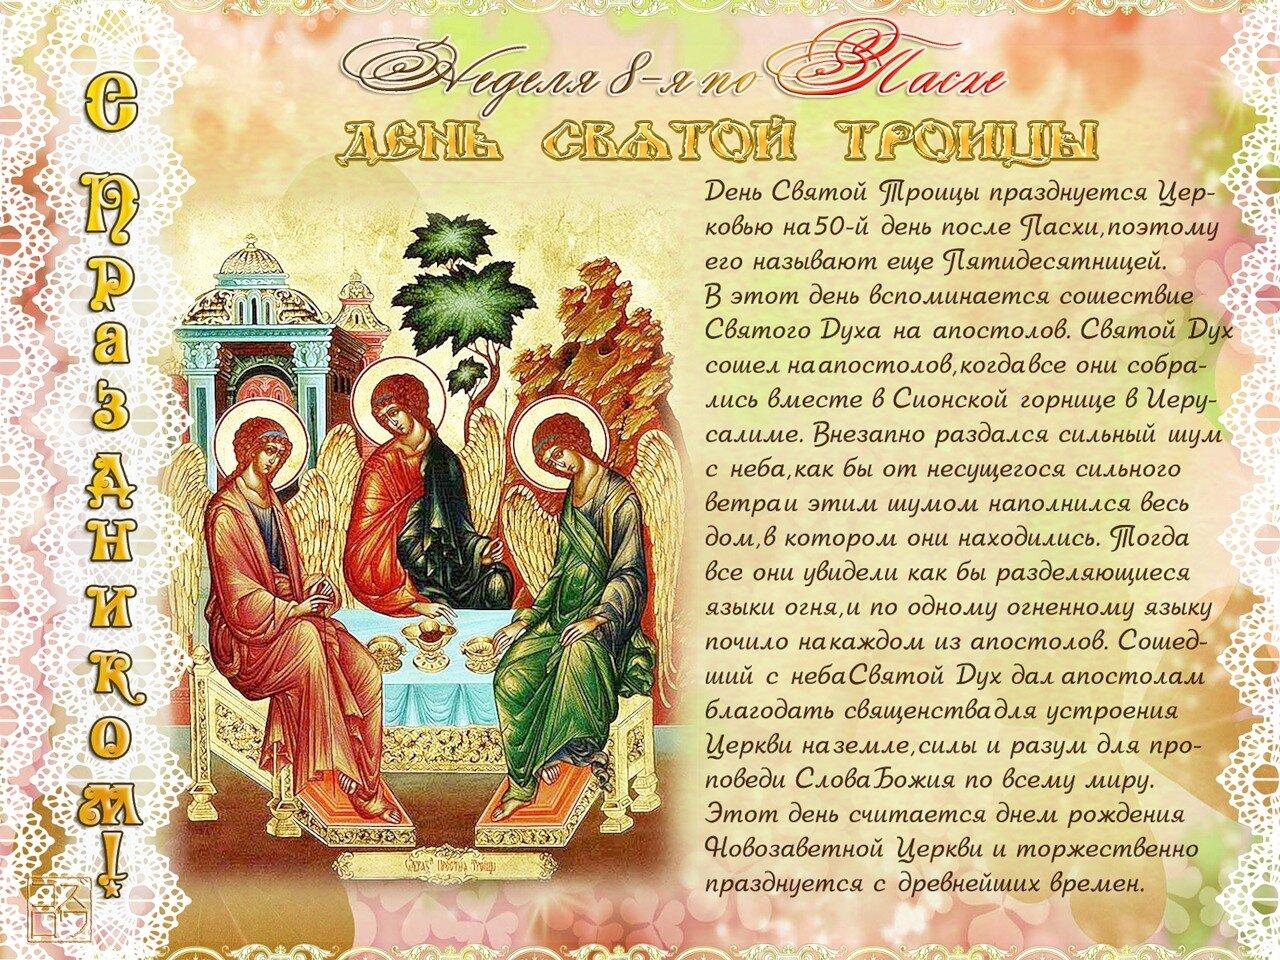 Праздник троица поздравления в картинках